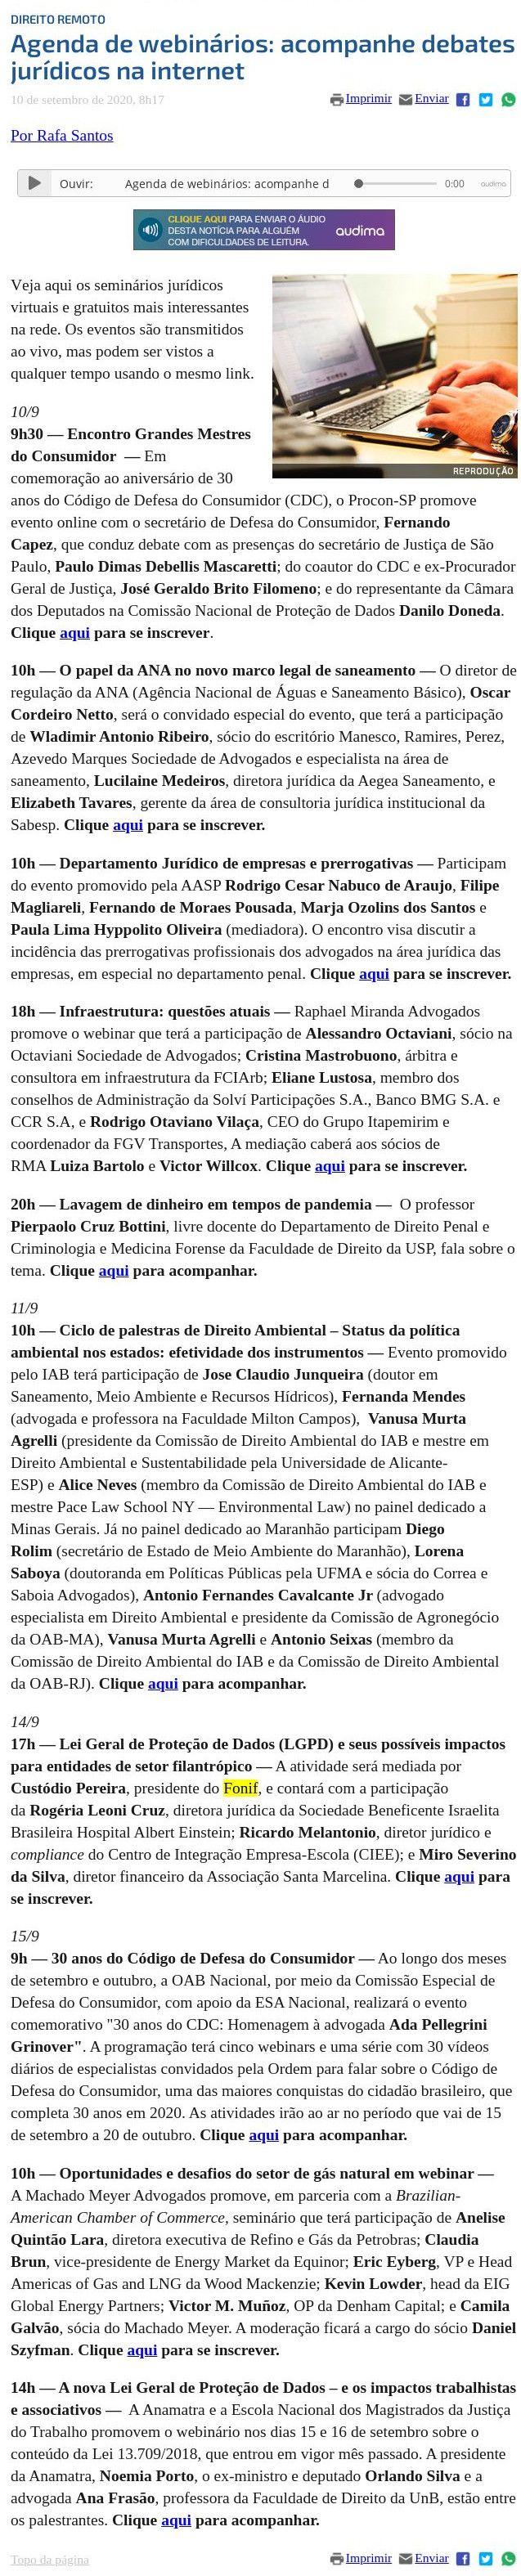 Agenda de webinários: acompanhe debates jurídicos na internet Consultor Jurídico